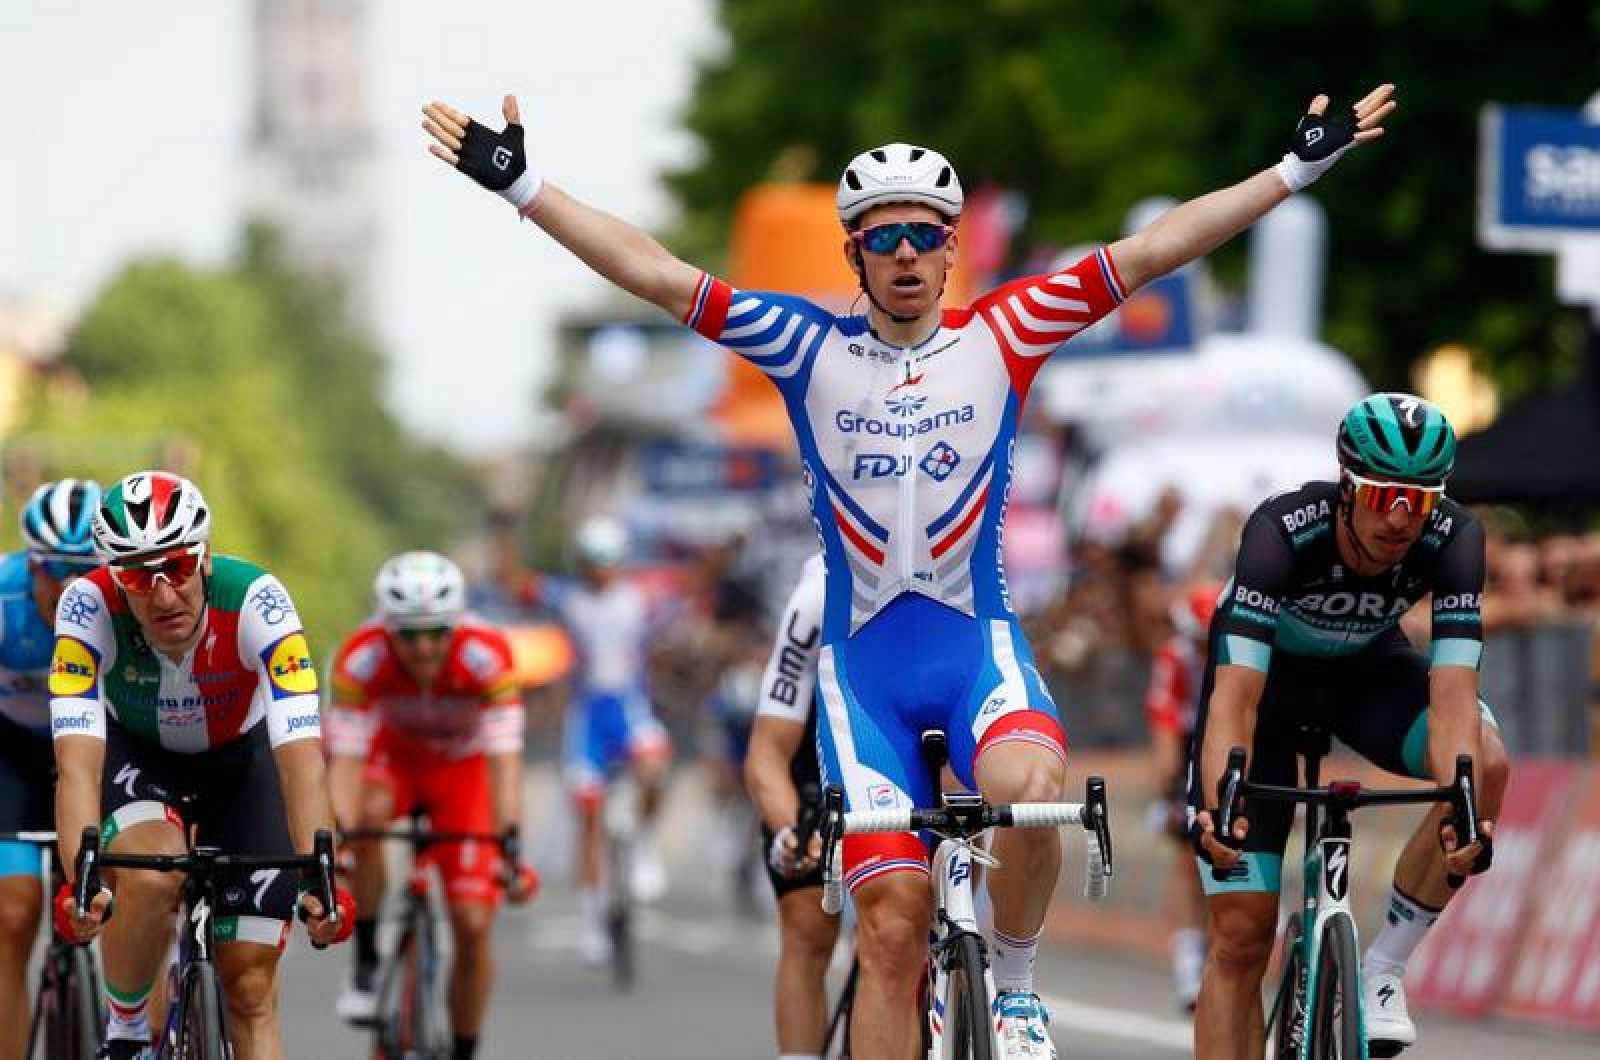 El francés Arnaud Demare celebra su victoria en el 'sprint' de Módena.